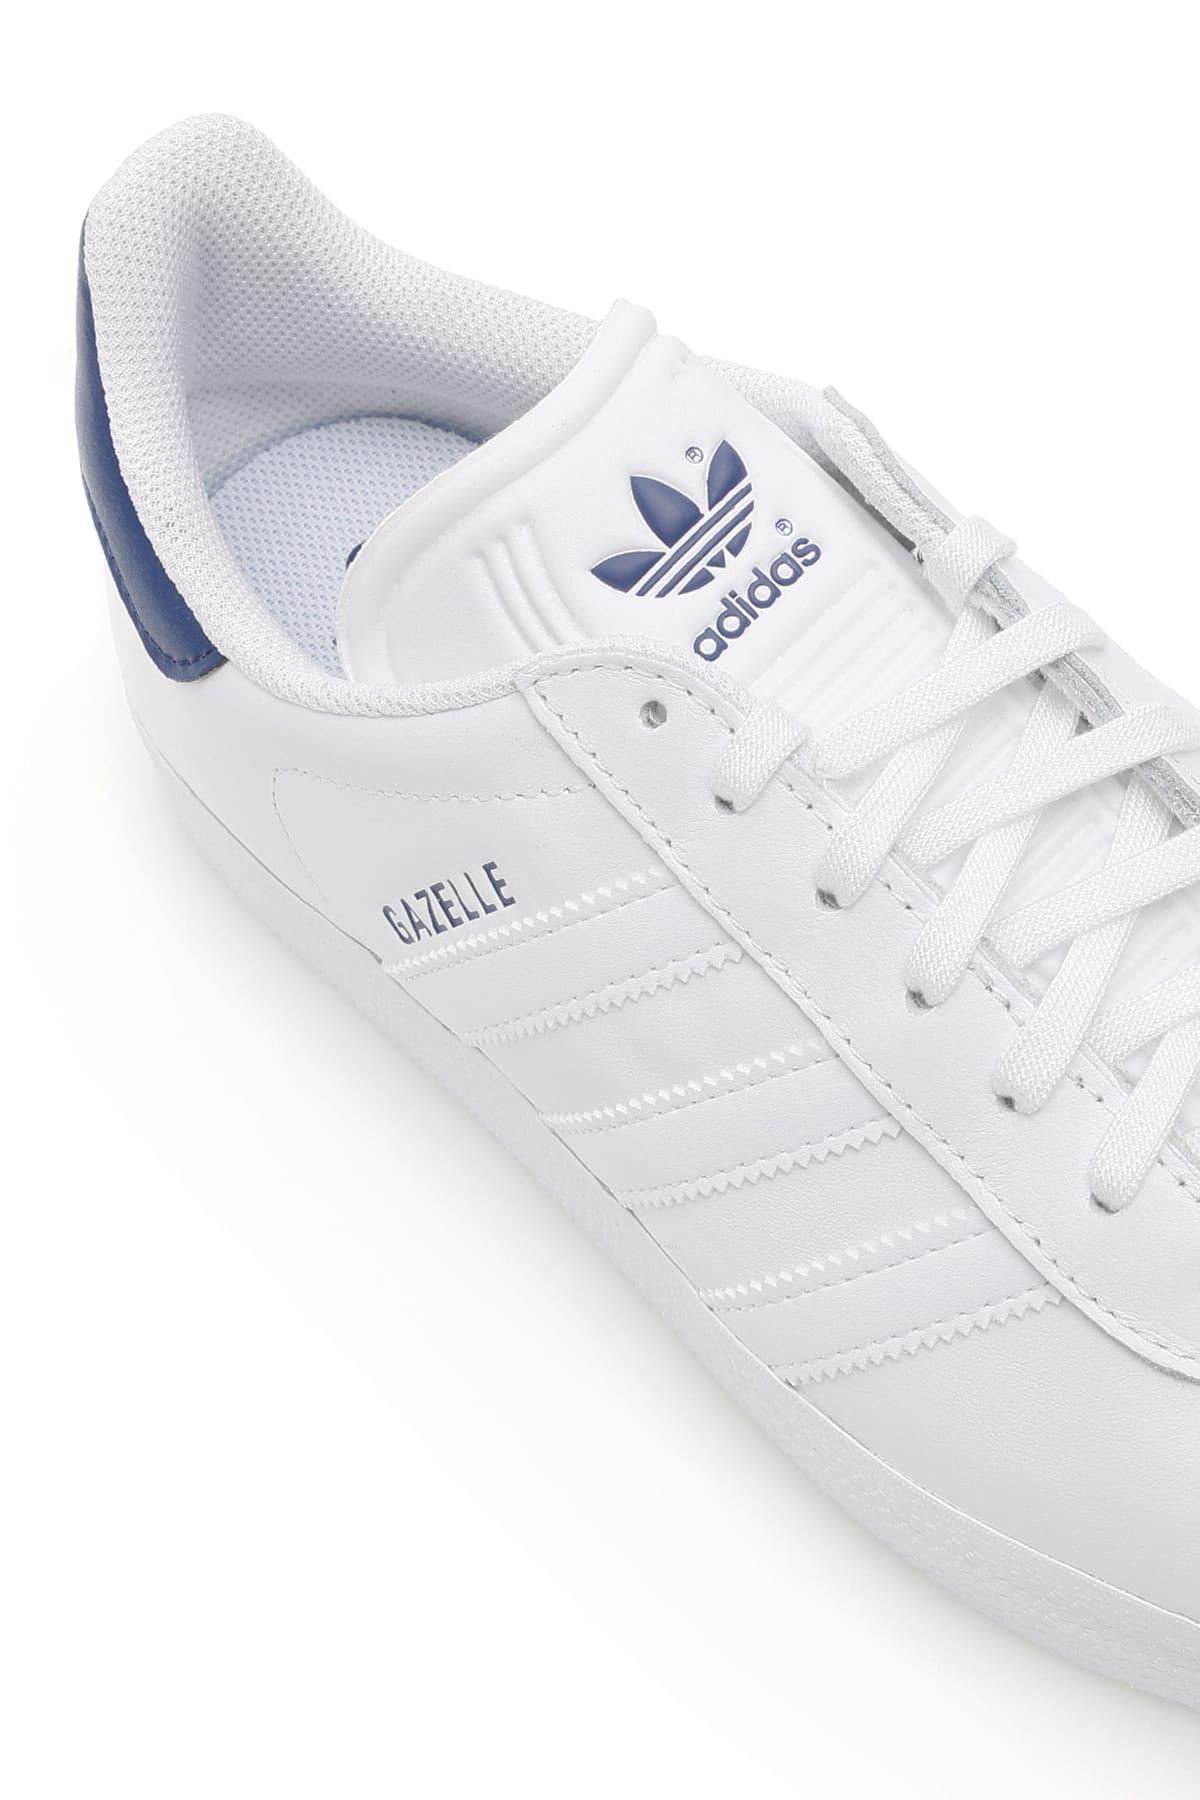 Adidas Gazelle Originals Sneakers